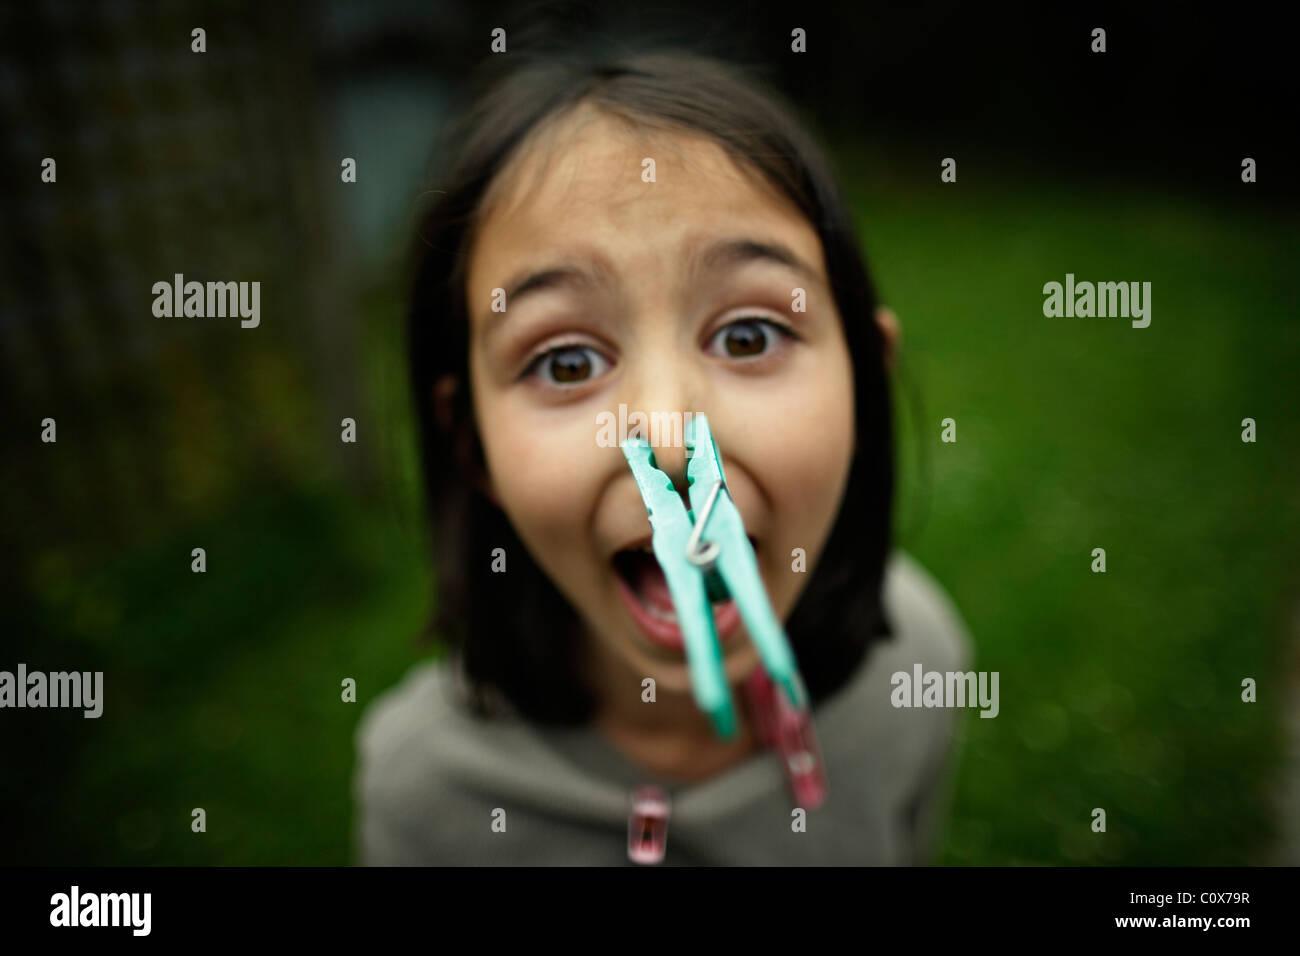 Chica con Peg en la nariz Imagen De Stock